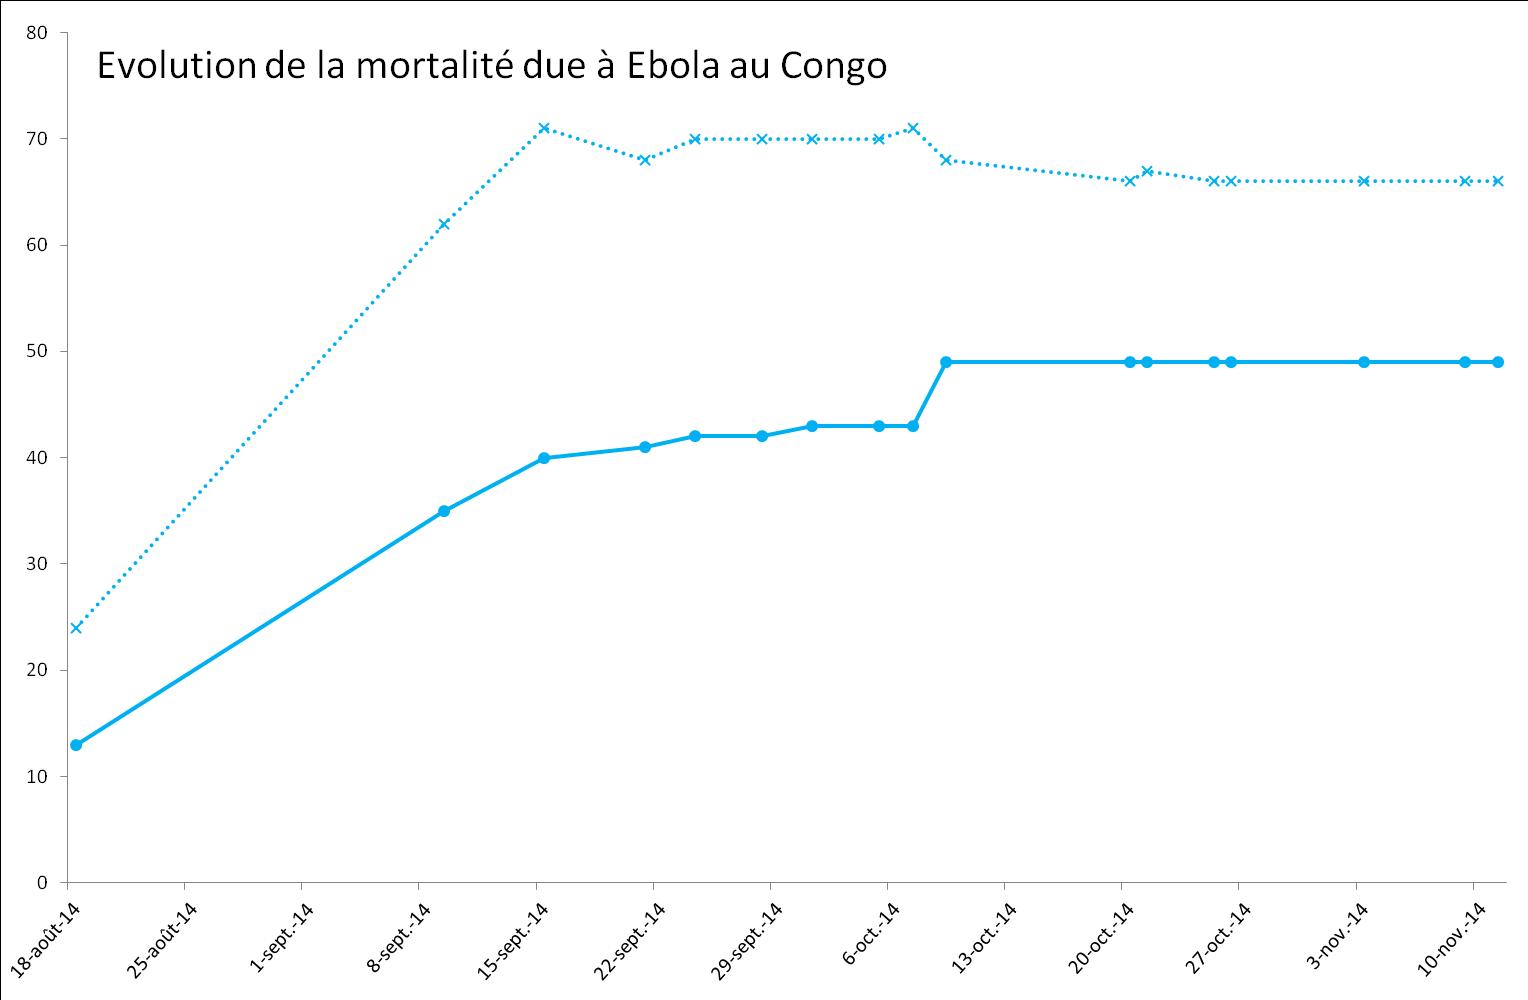 Evolution de l'épidémie de virus Ebola au Congo (RDC)